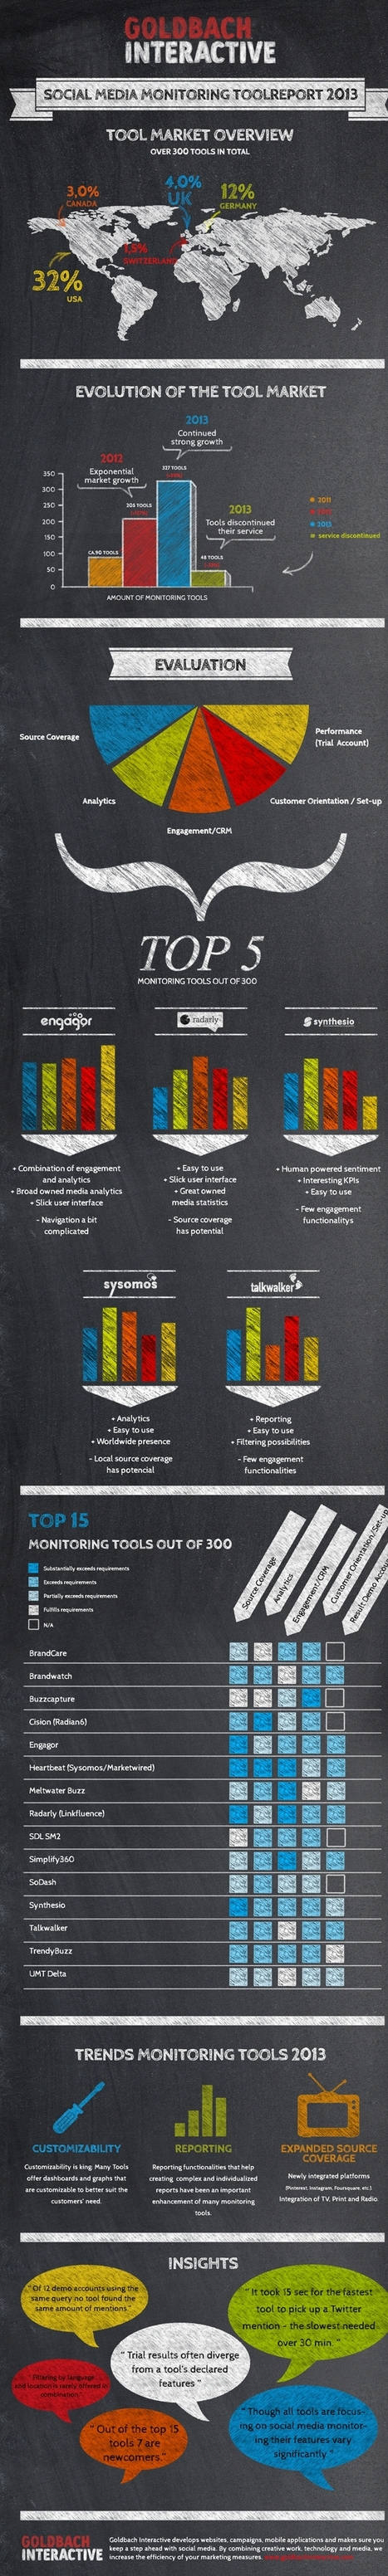 Infographie : Quid des outils de surveillance des réseaux sociaux en 2013 ? | Infographies social media | Scoop.it